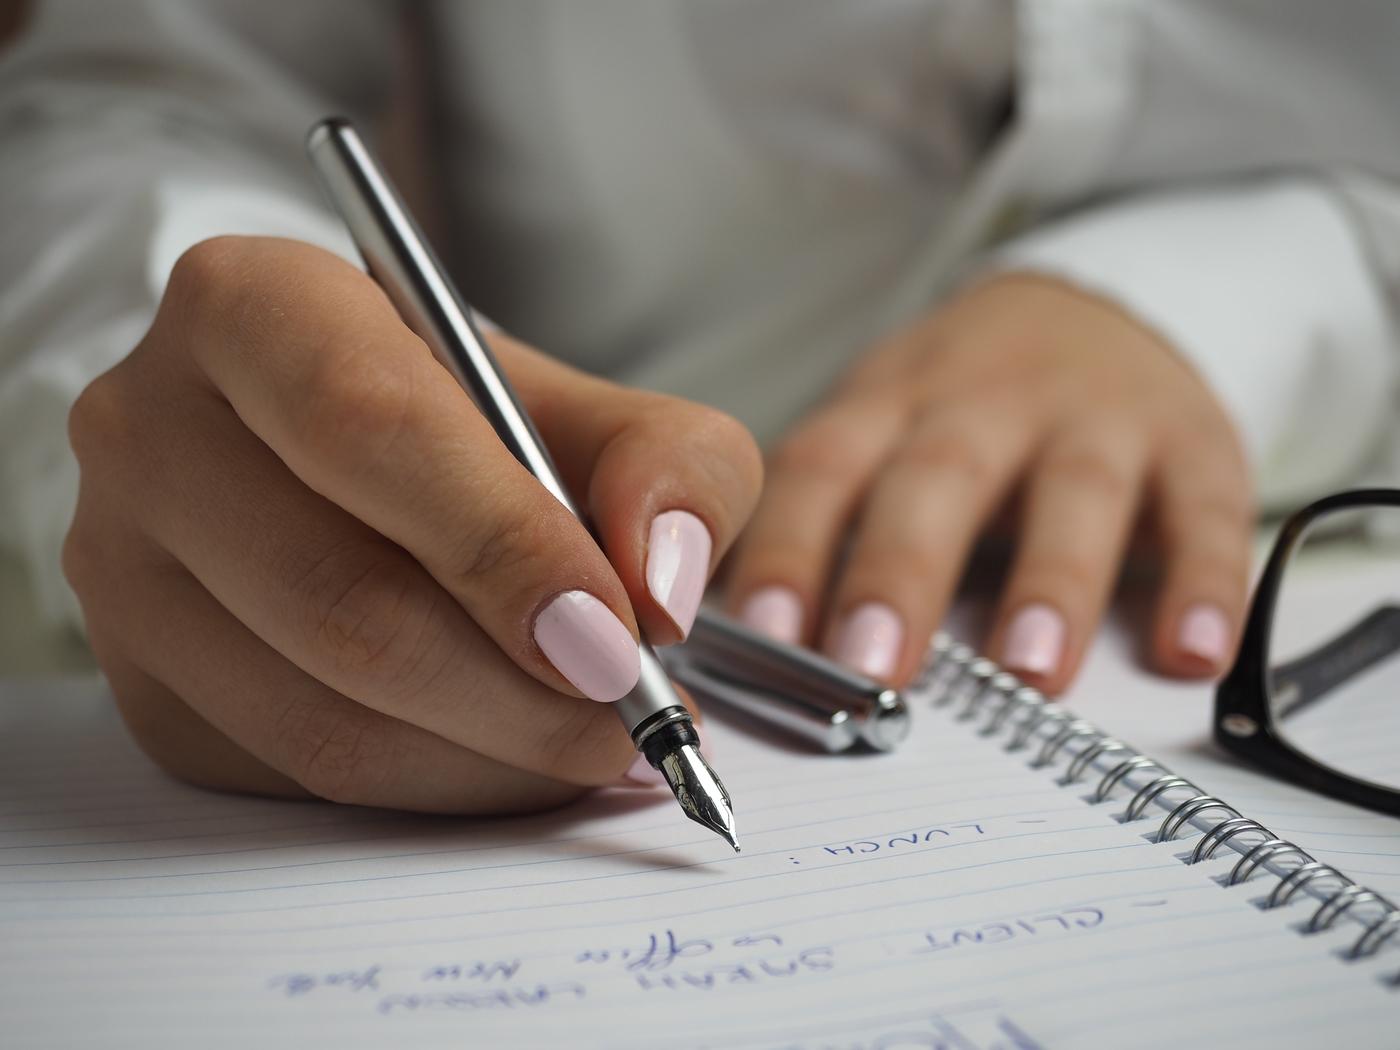 agenda-composition-fountain-pen-110473.jpg